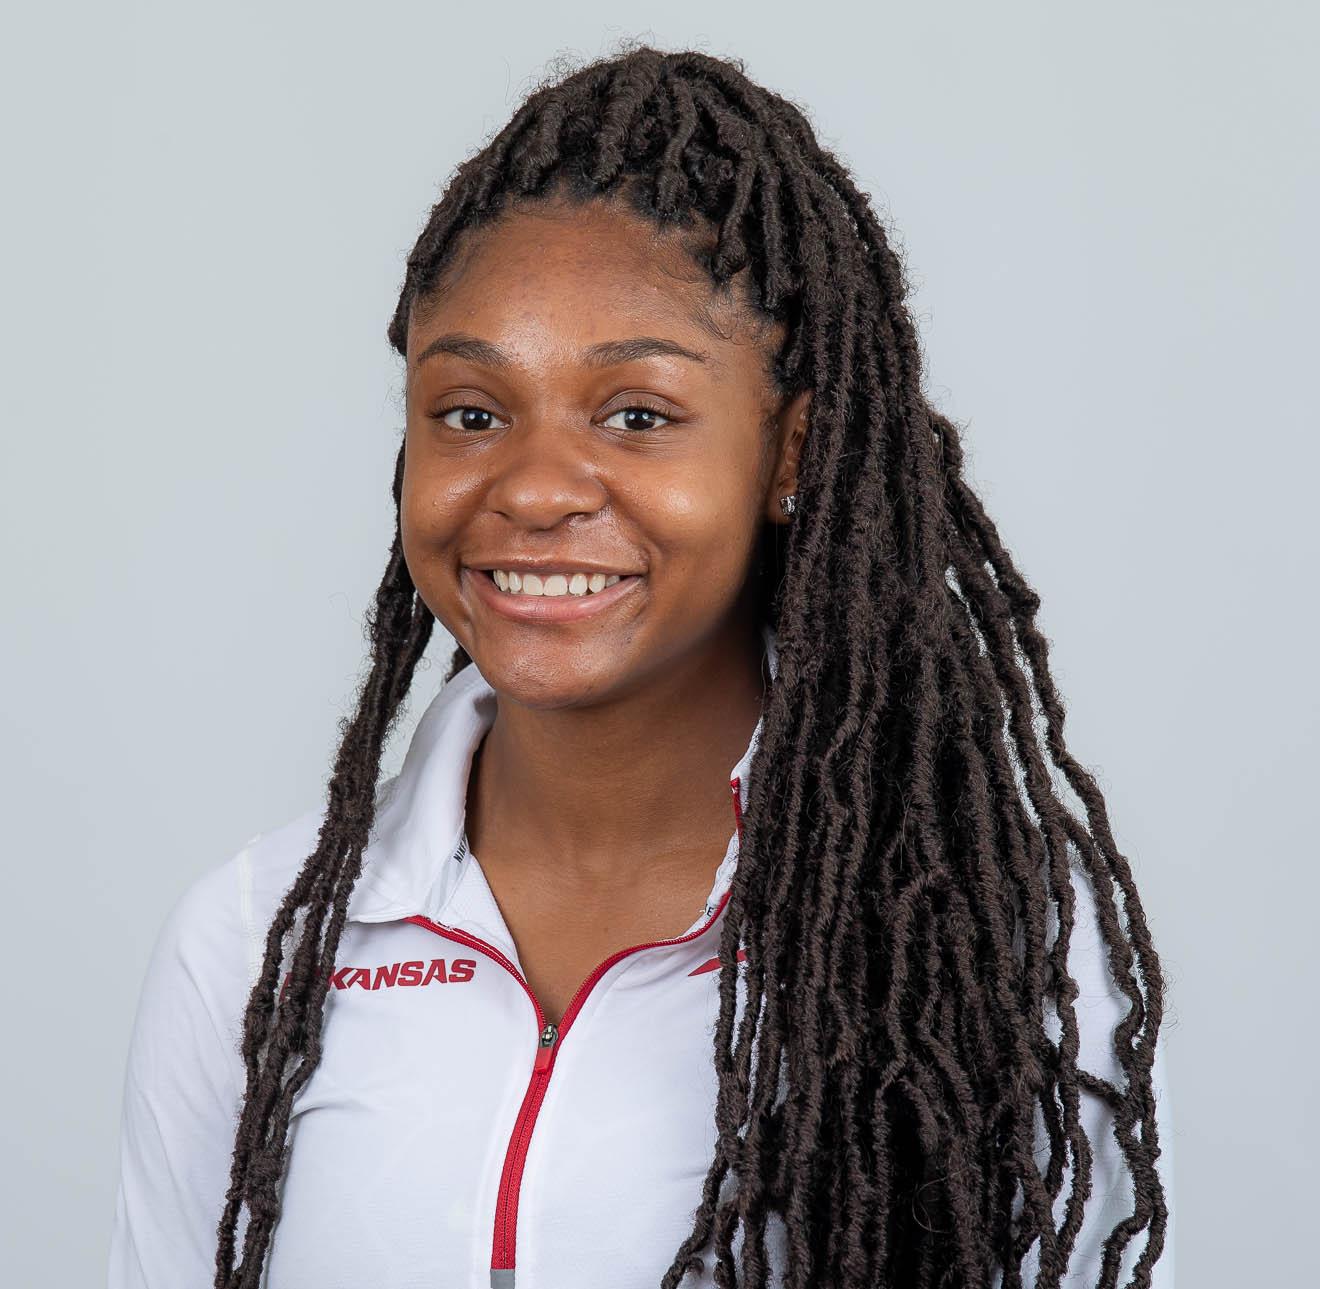 Jayla Hollis - Women's Track & Field - Arkansas Razorbacks